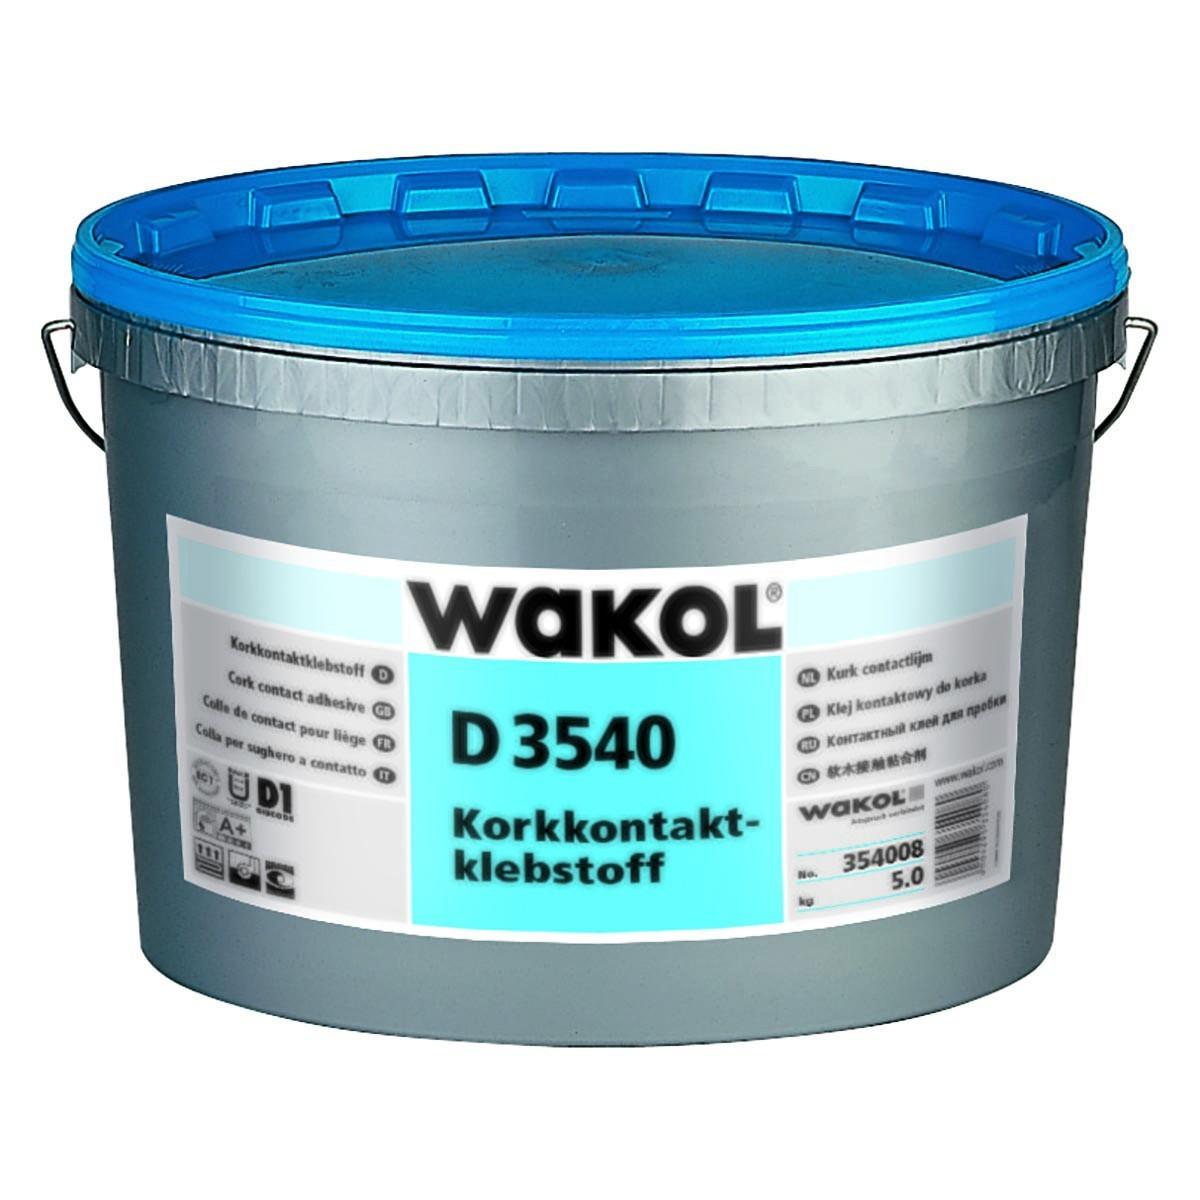 Colla per sughero - Wakol D3540